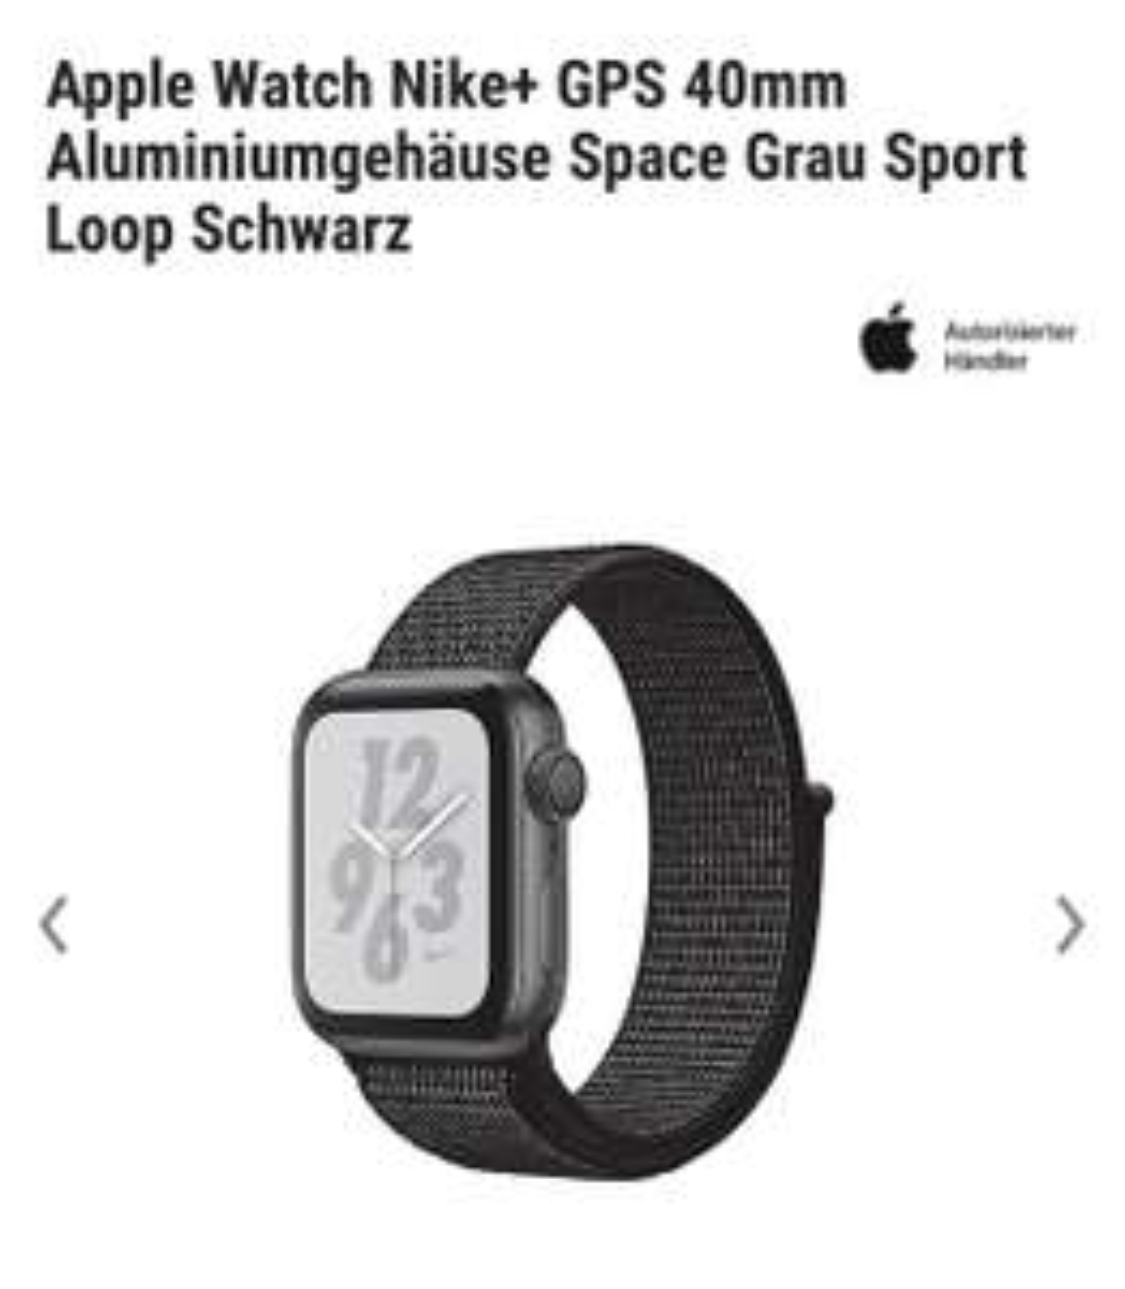 Apple Watch 4 40mm in diversen Farben